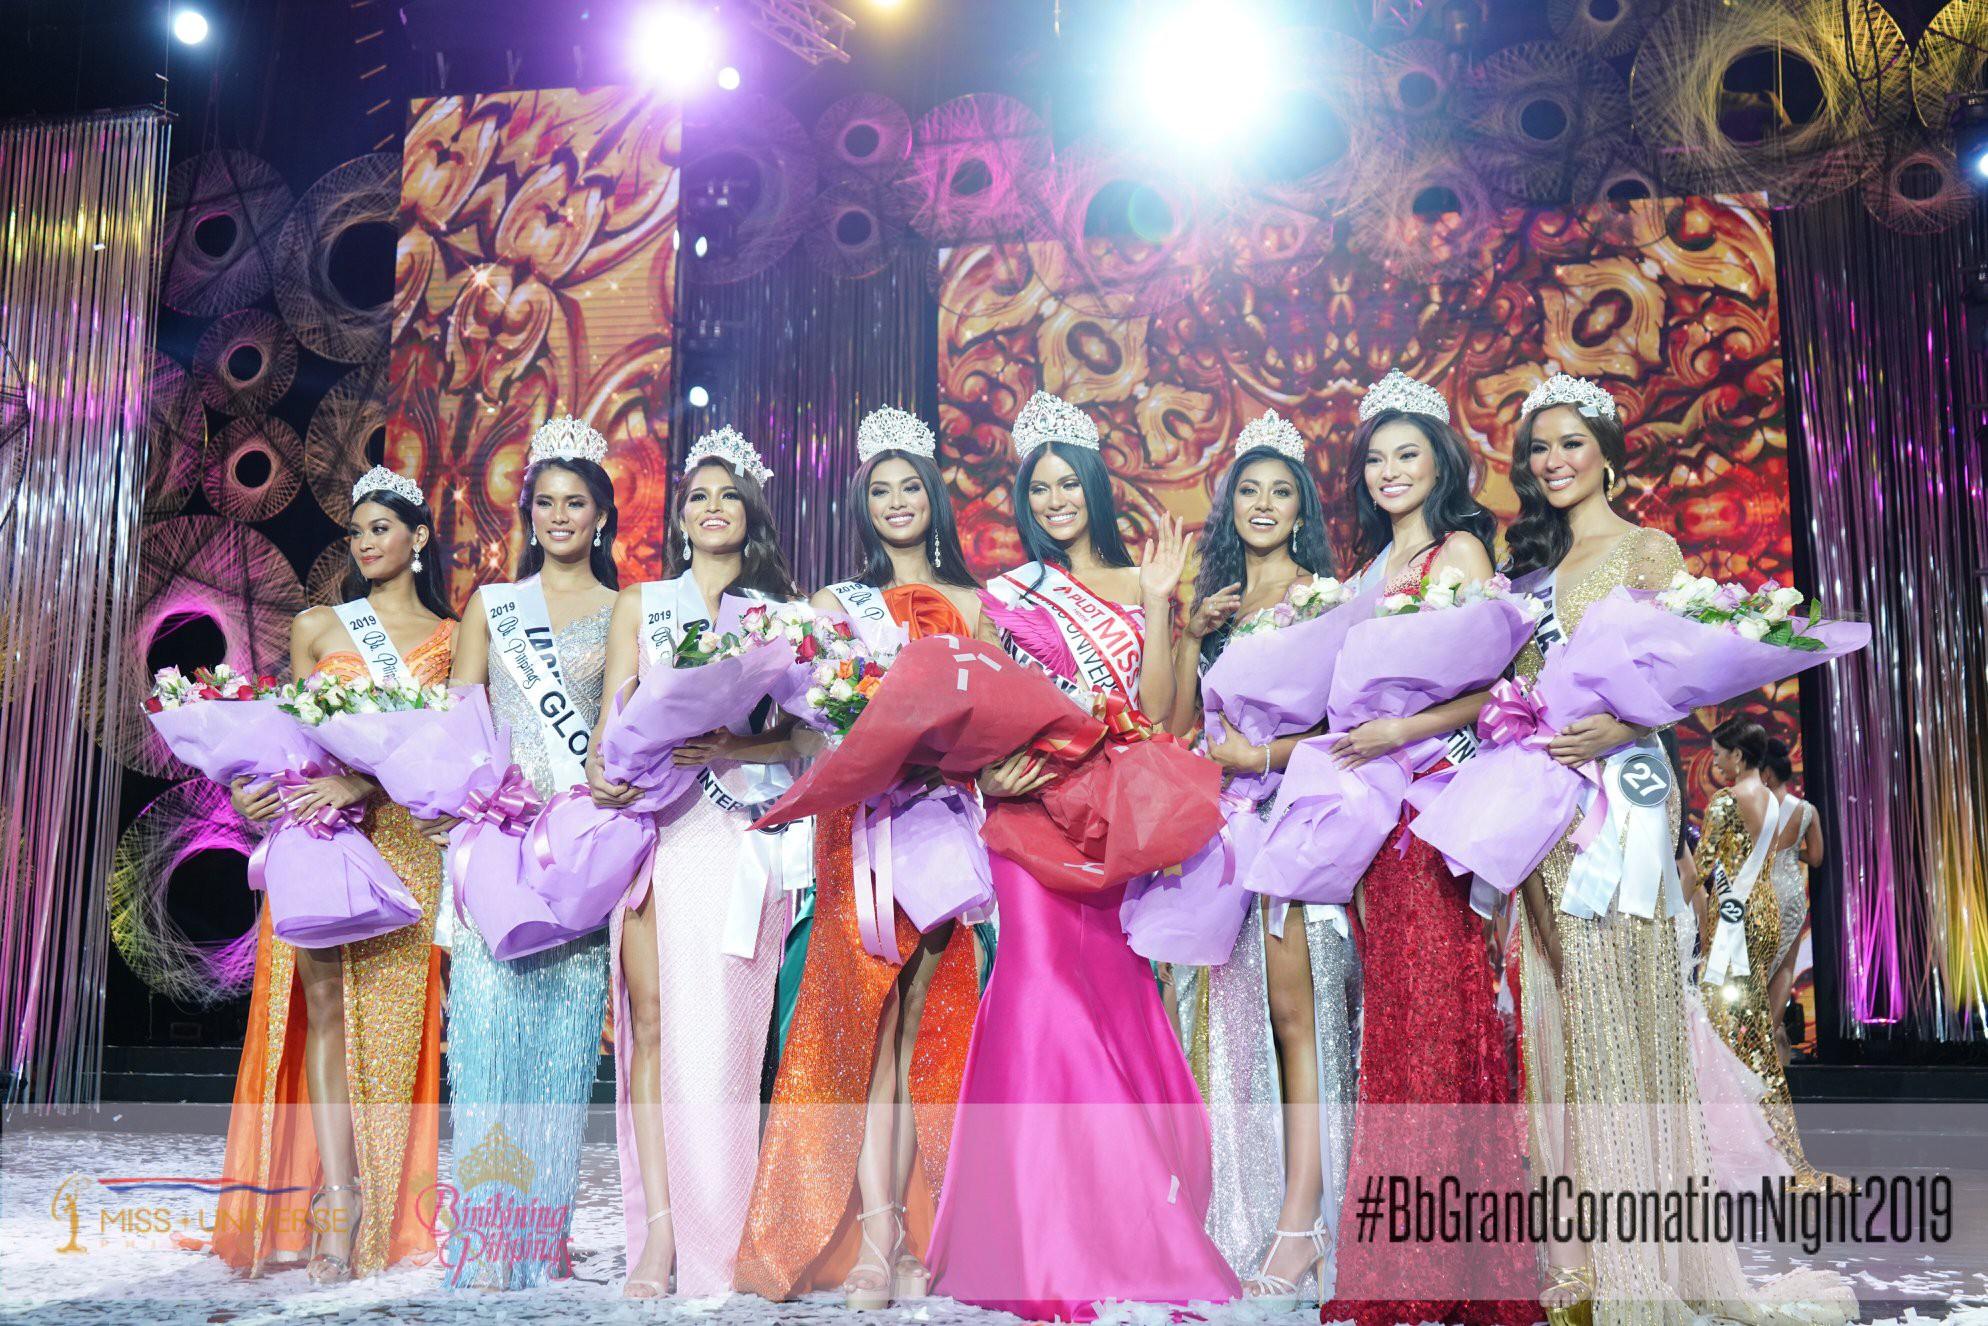 Hoa hậu Hoàn vũ Philippines 2019 lộ diện, được dự đoán tiếp tục gây sốt tại Miss Universe  - Ảnh 10.